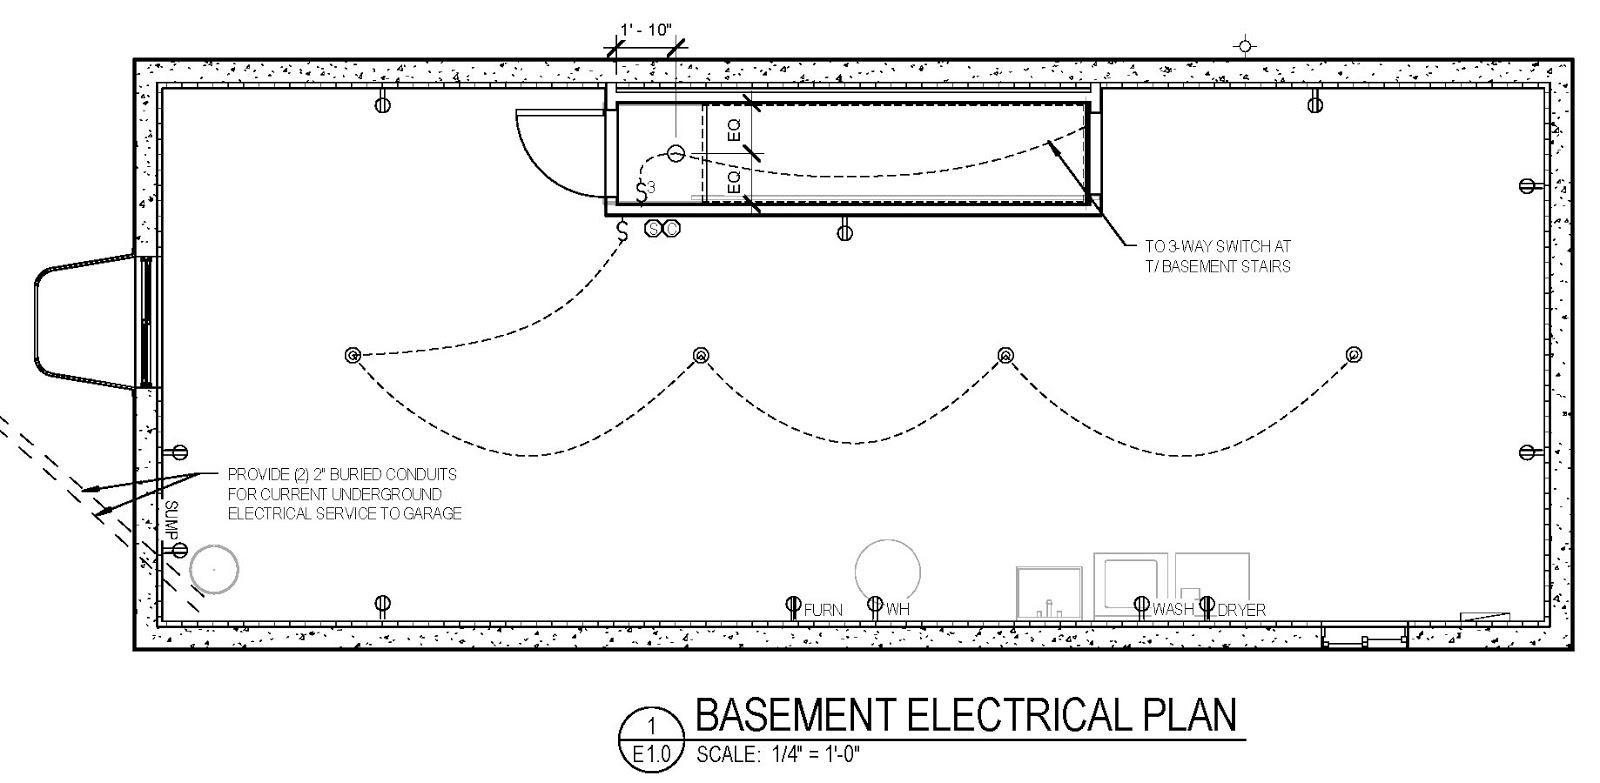 electrical plan garage wiring diagram rh vw23 auto technik schaefer de electrical wiring diagram for garage electrical wiring diagram for garage